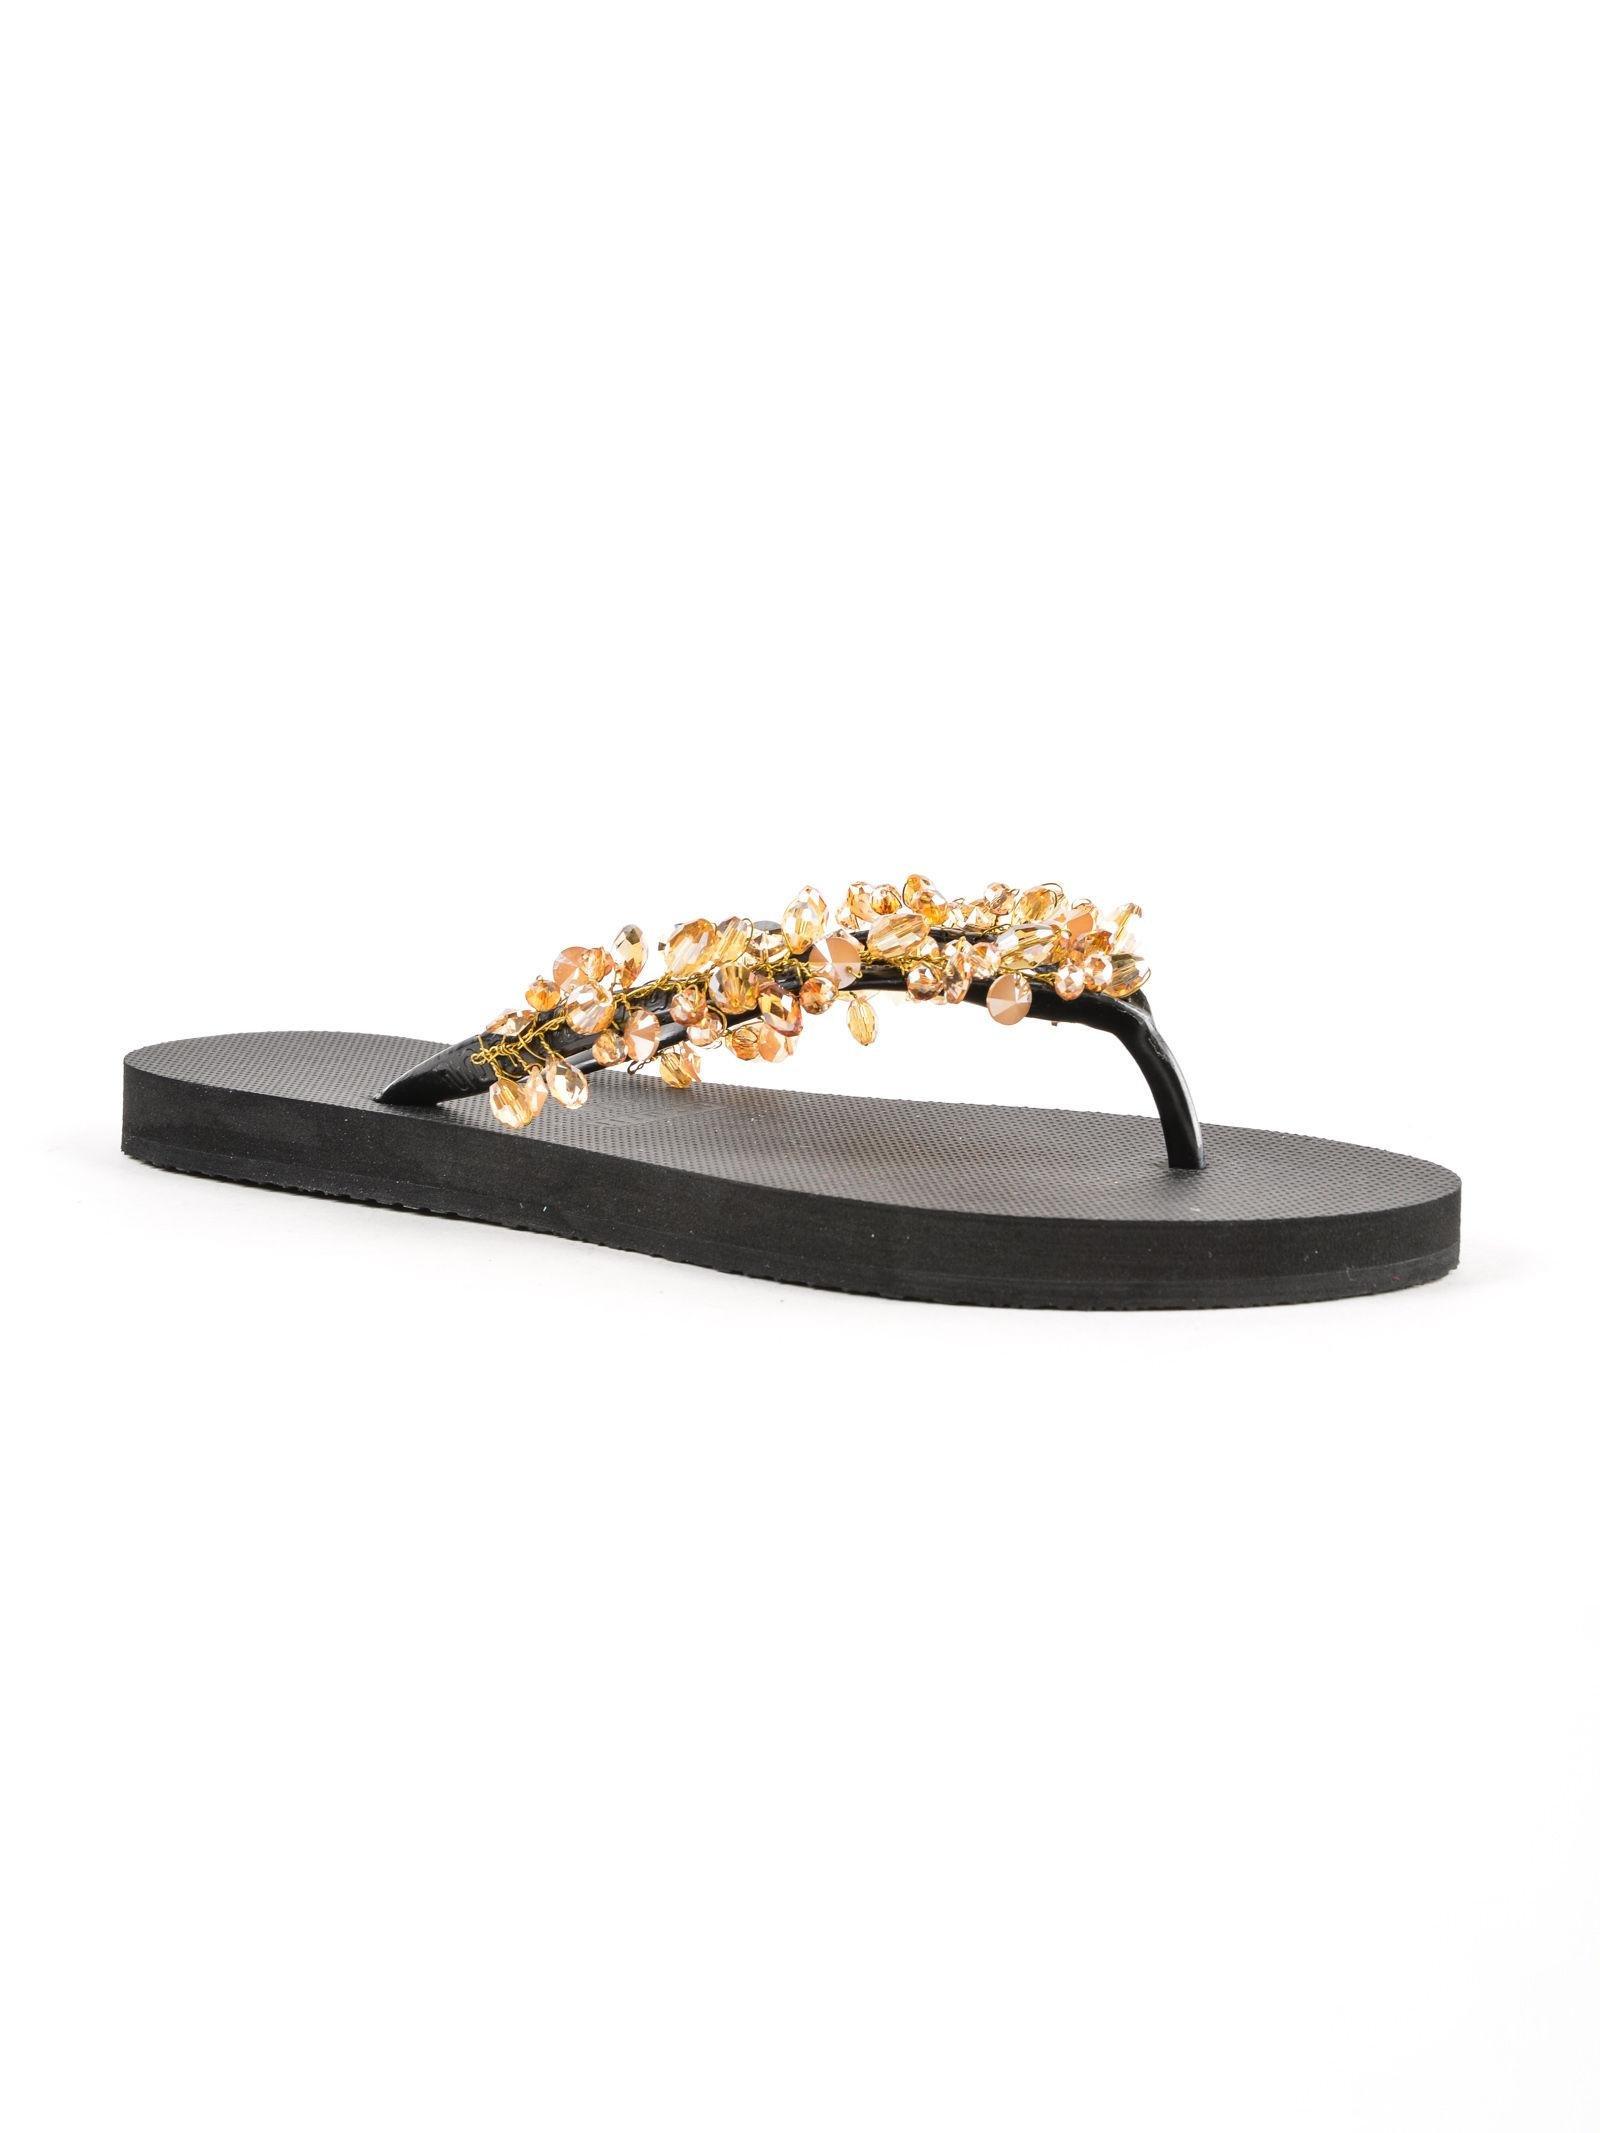 c9cea30561f78 Uzurii Flip Flops Gold Amazon in Black - Save 2% - Lyst